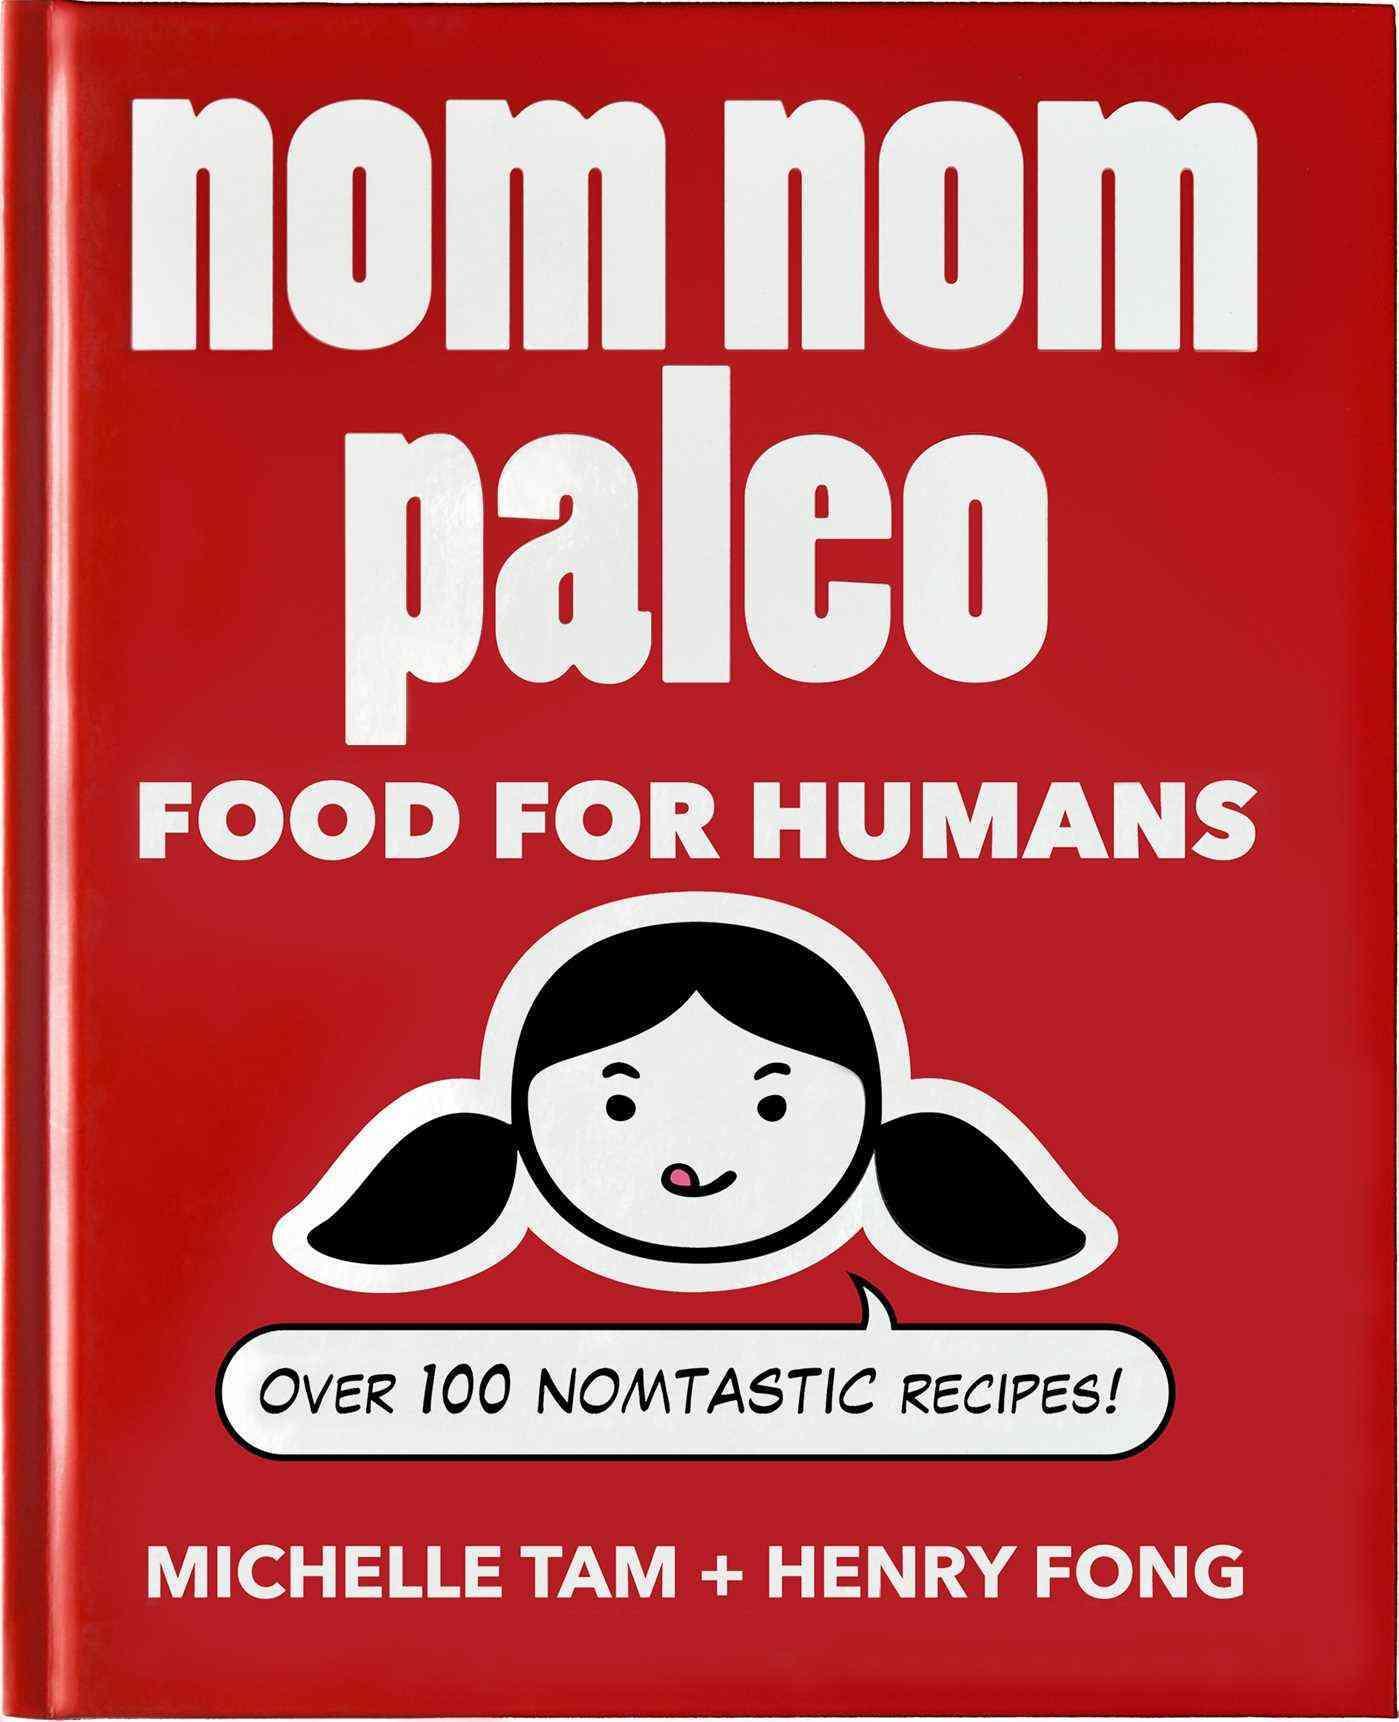 Nom Nom Paleo: Food for Humans (Hardcover)